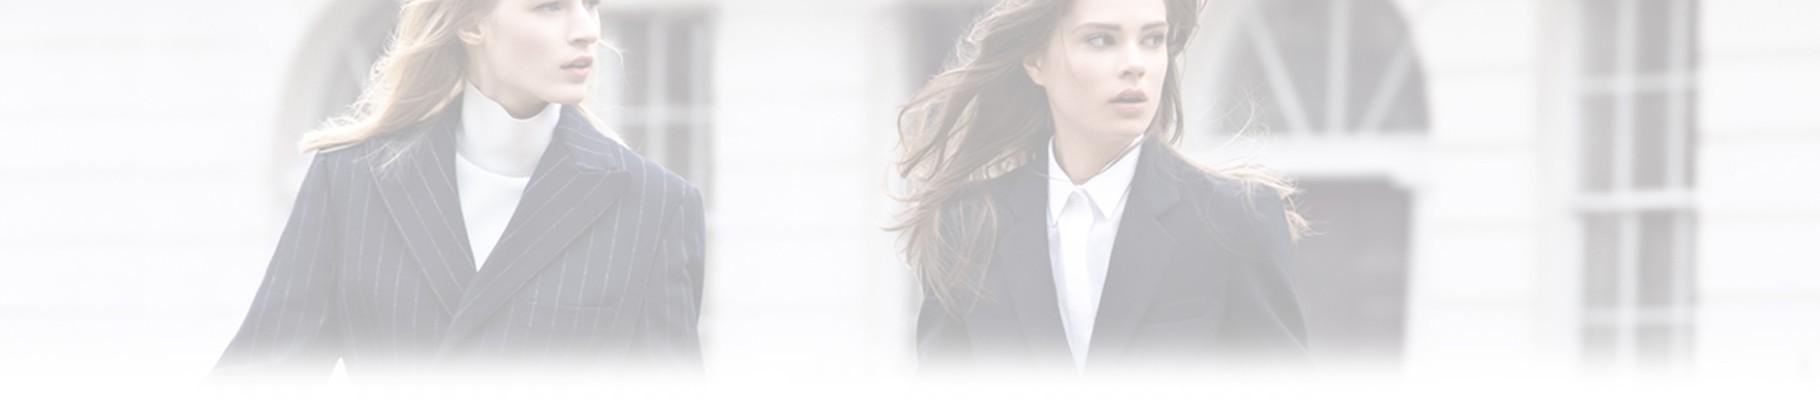 Scopri subito le giacche donna firmate dai migliori brands del mondo